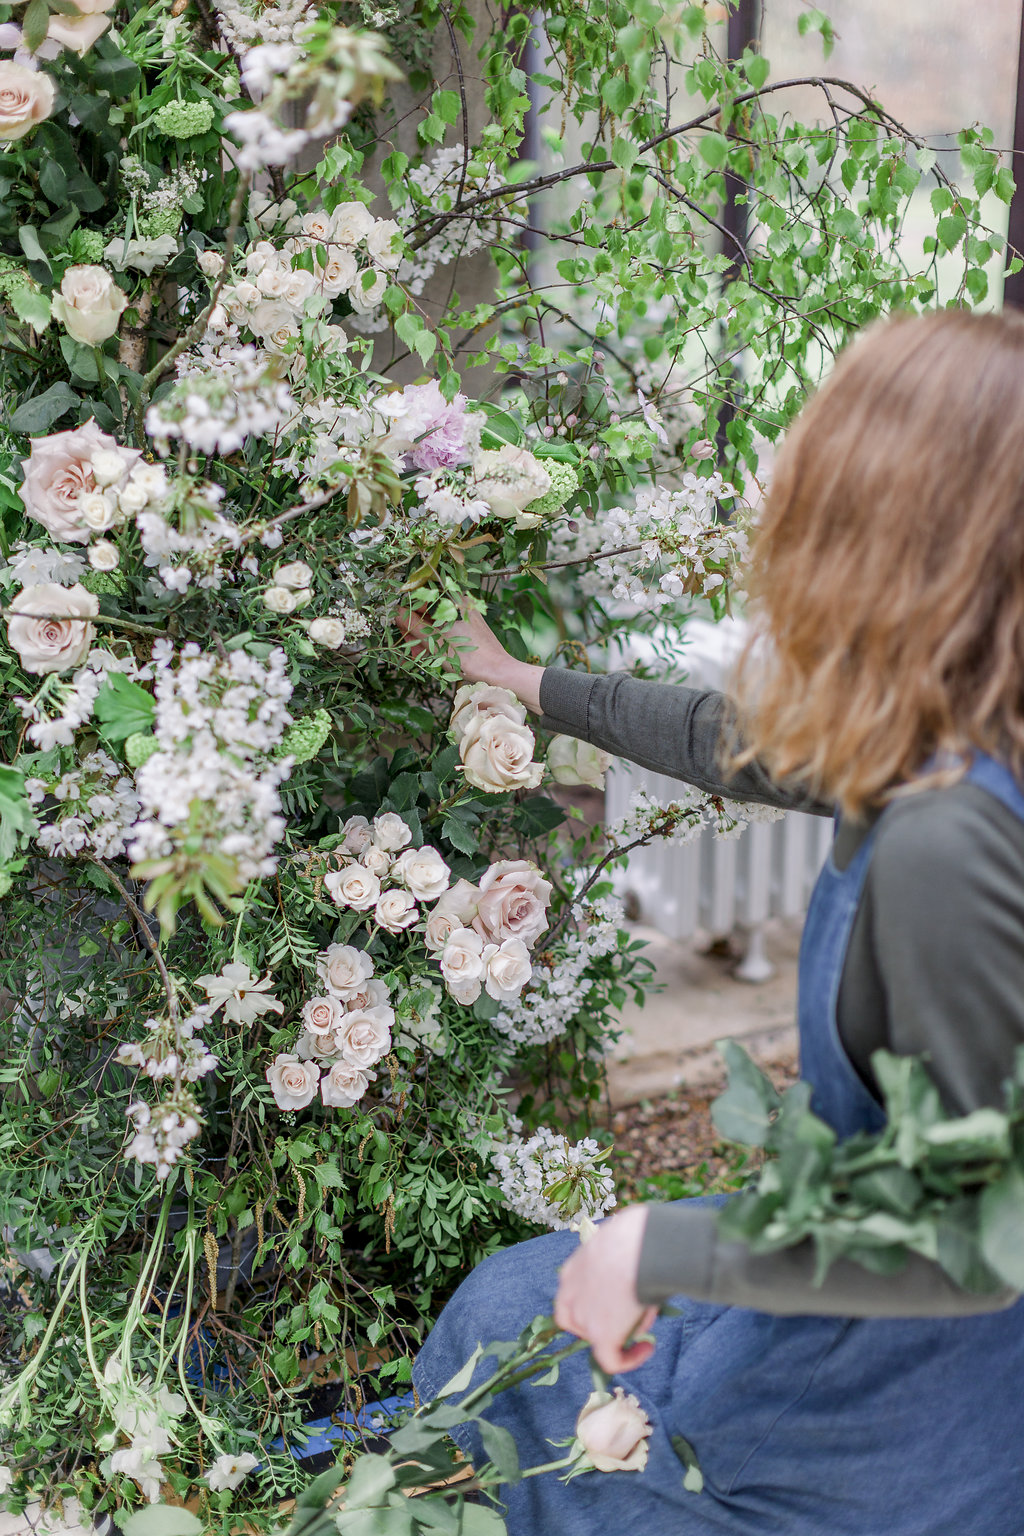 Image by www.jobradbury.co.uk